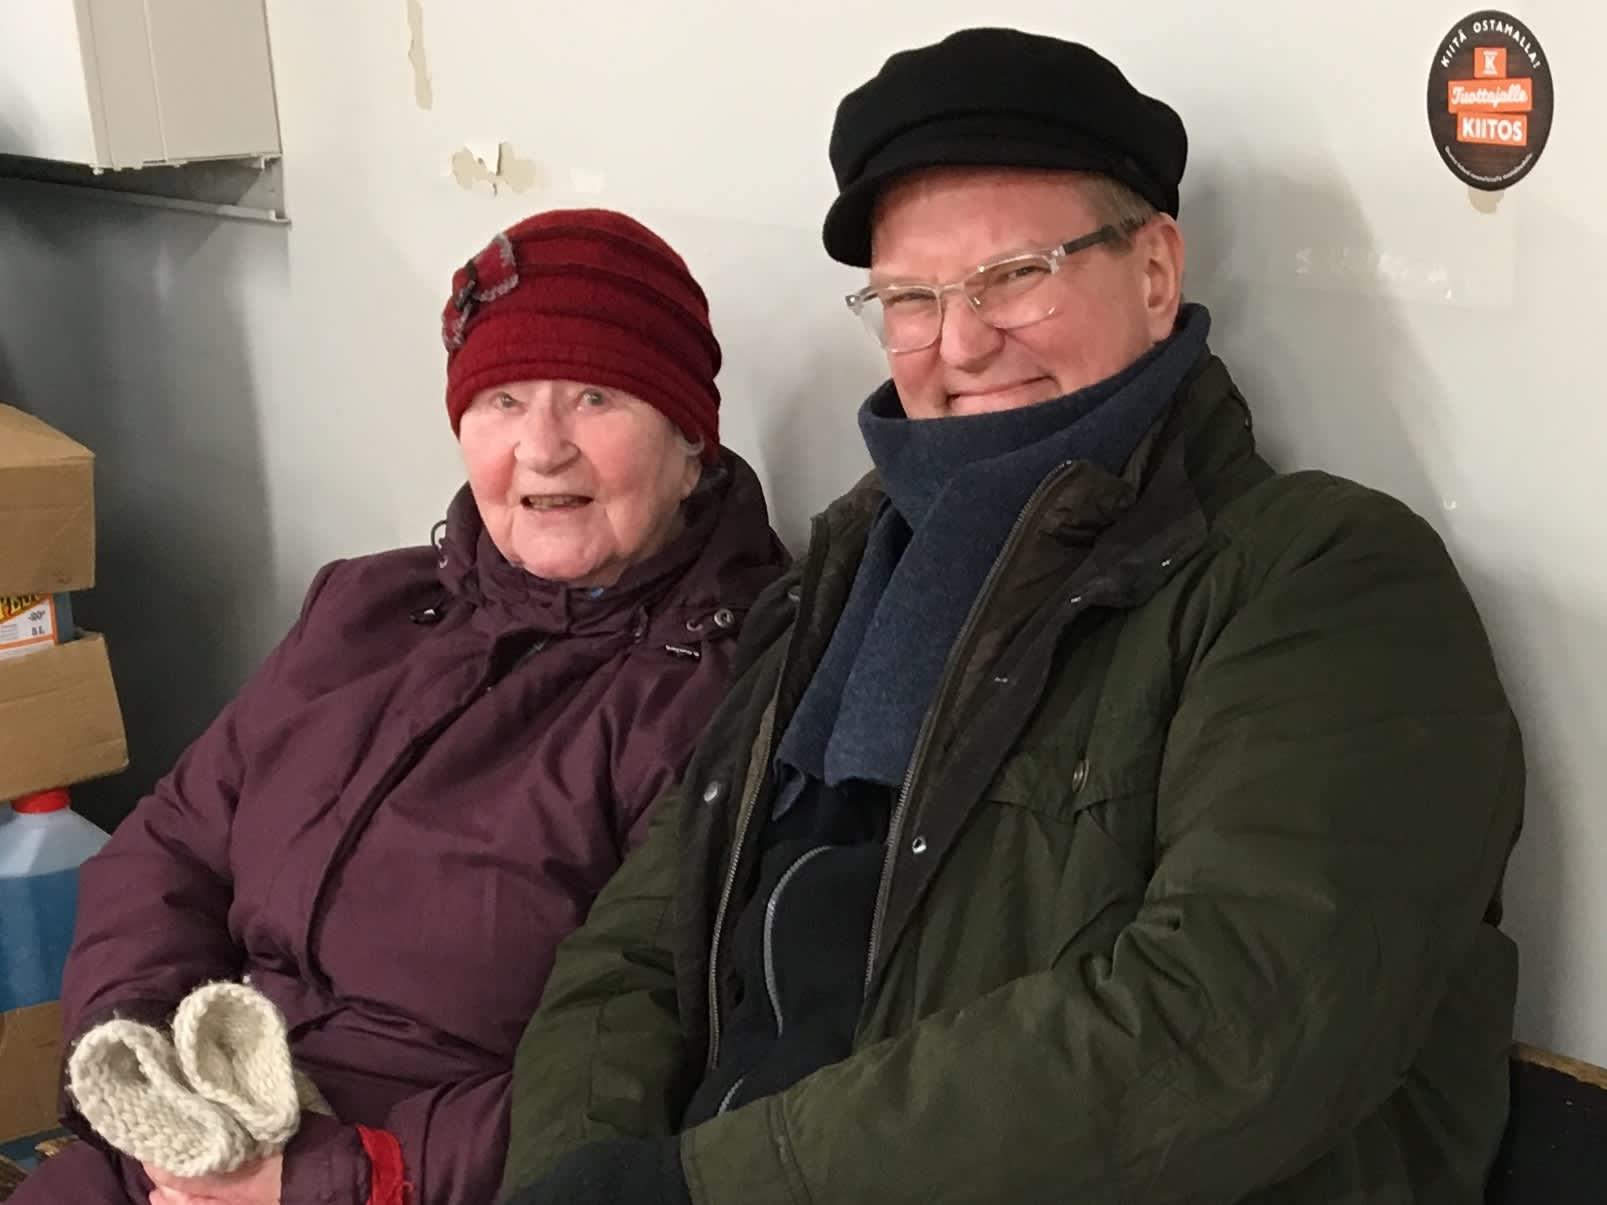 Kemijärveläinen Hilkka Karakko ja kaino toimittaja kikkelipenkillä.